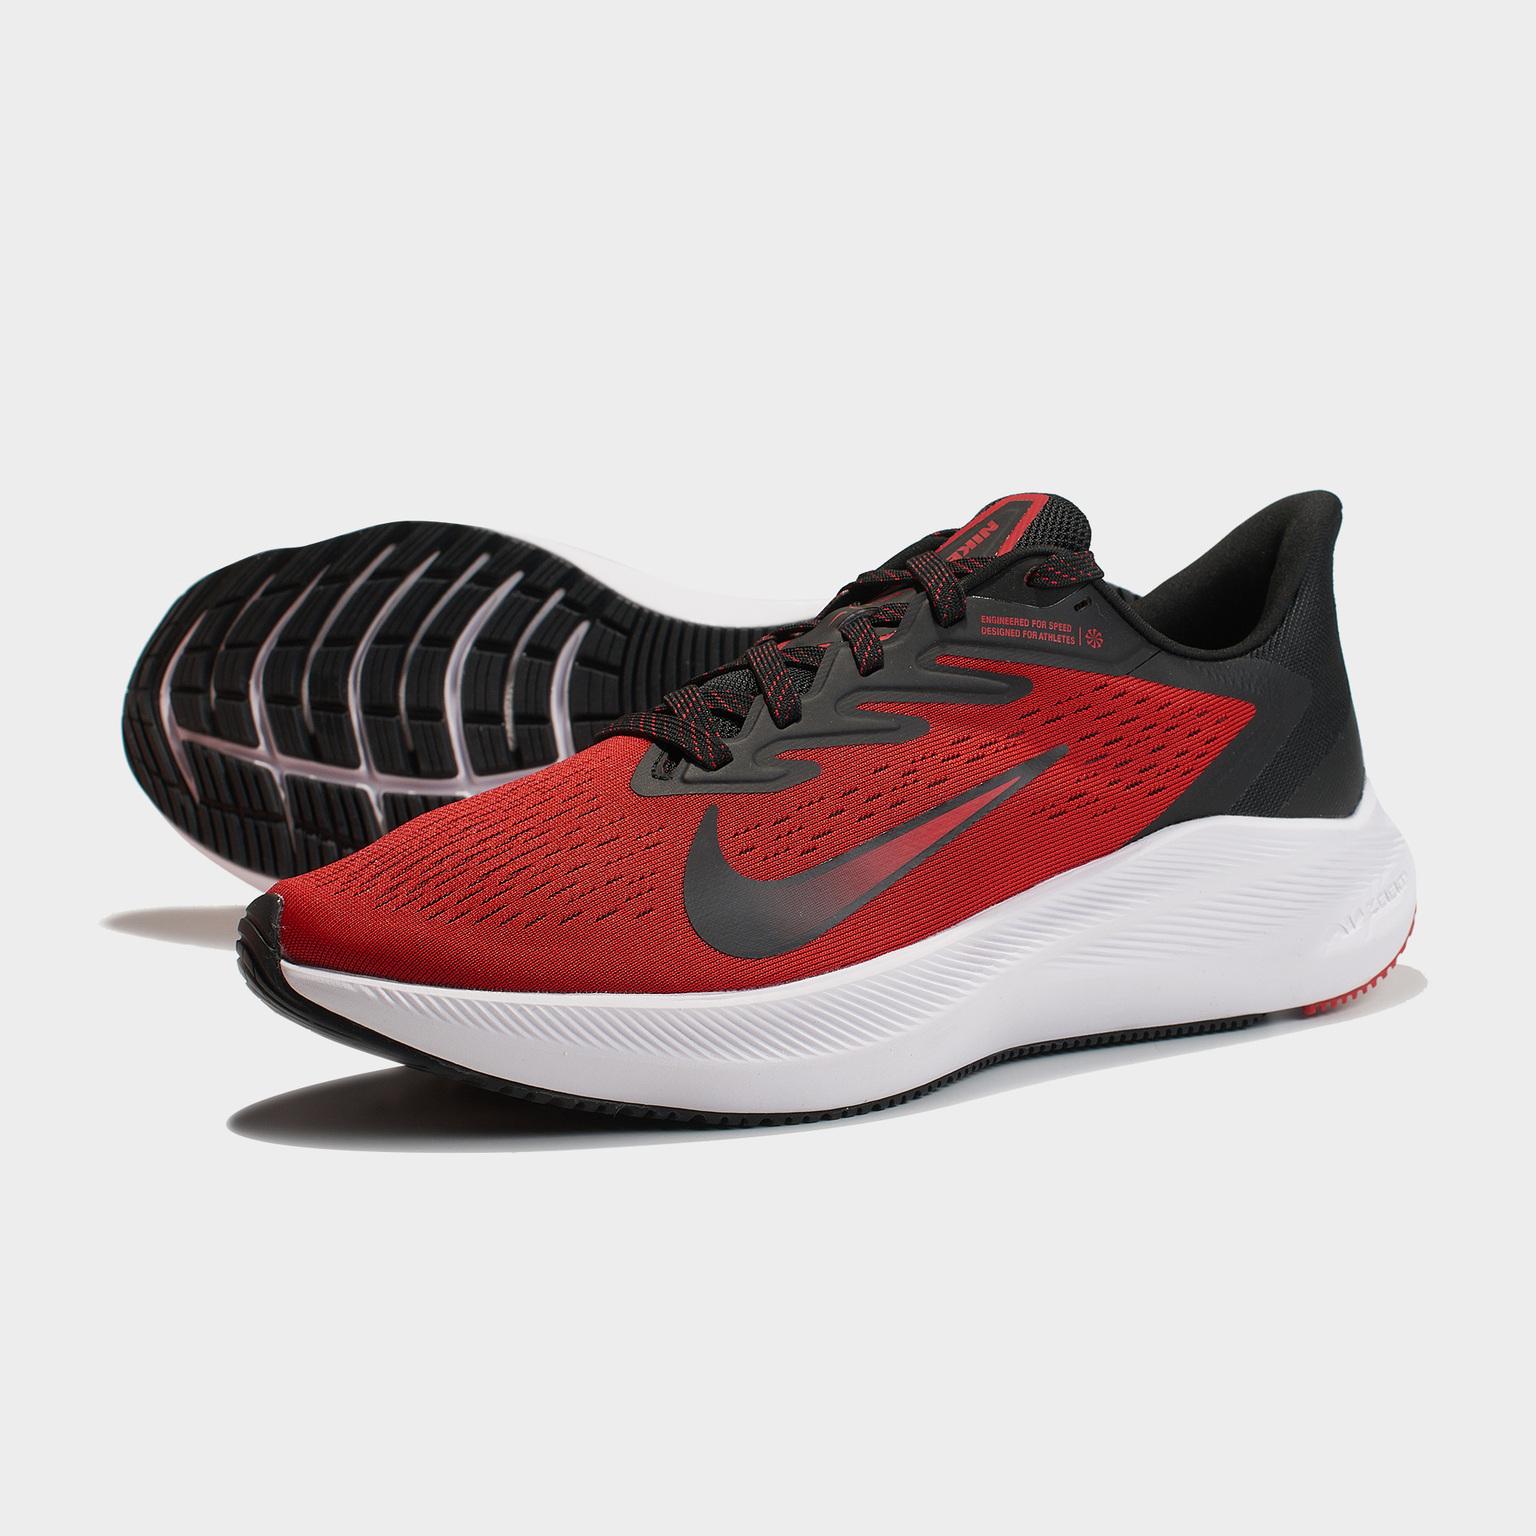 Кроссовки Nike Zoom Winflo 7 CJ0291-600